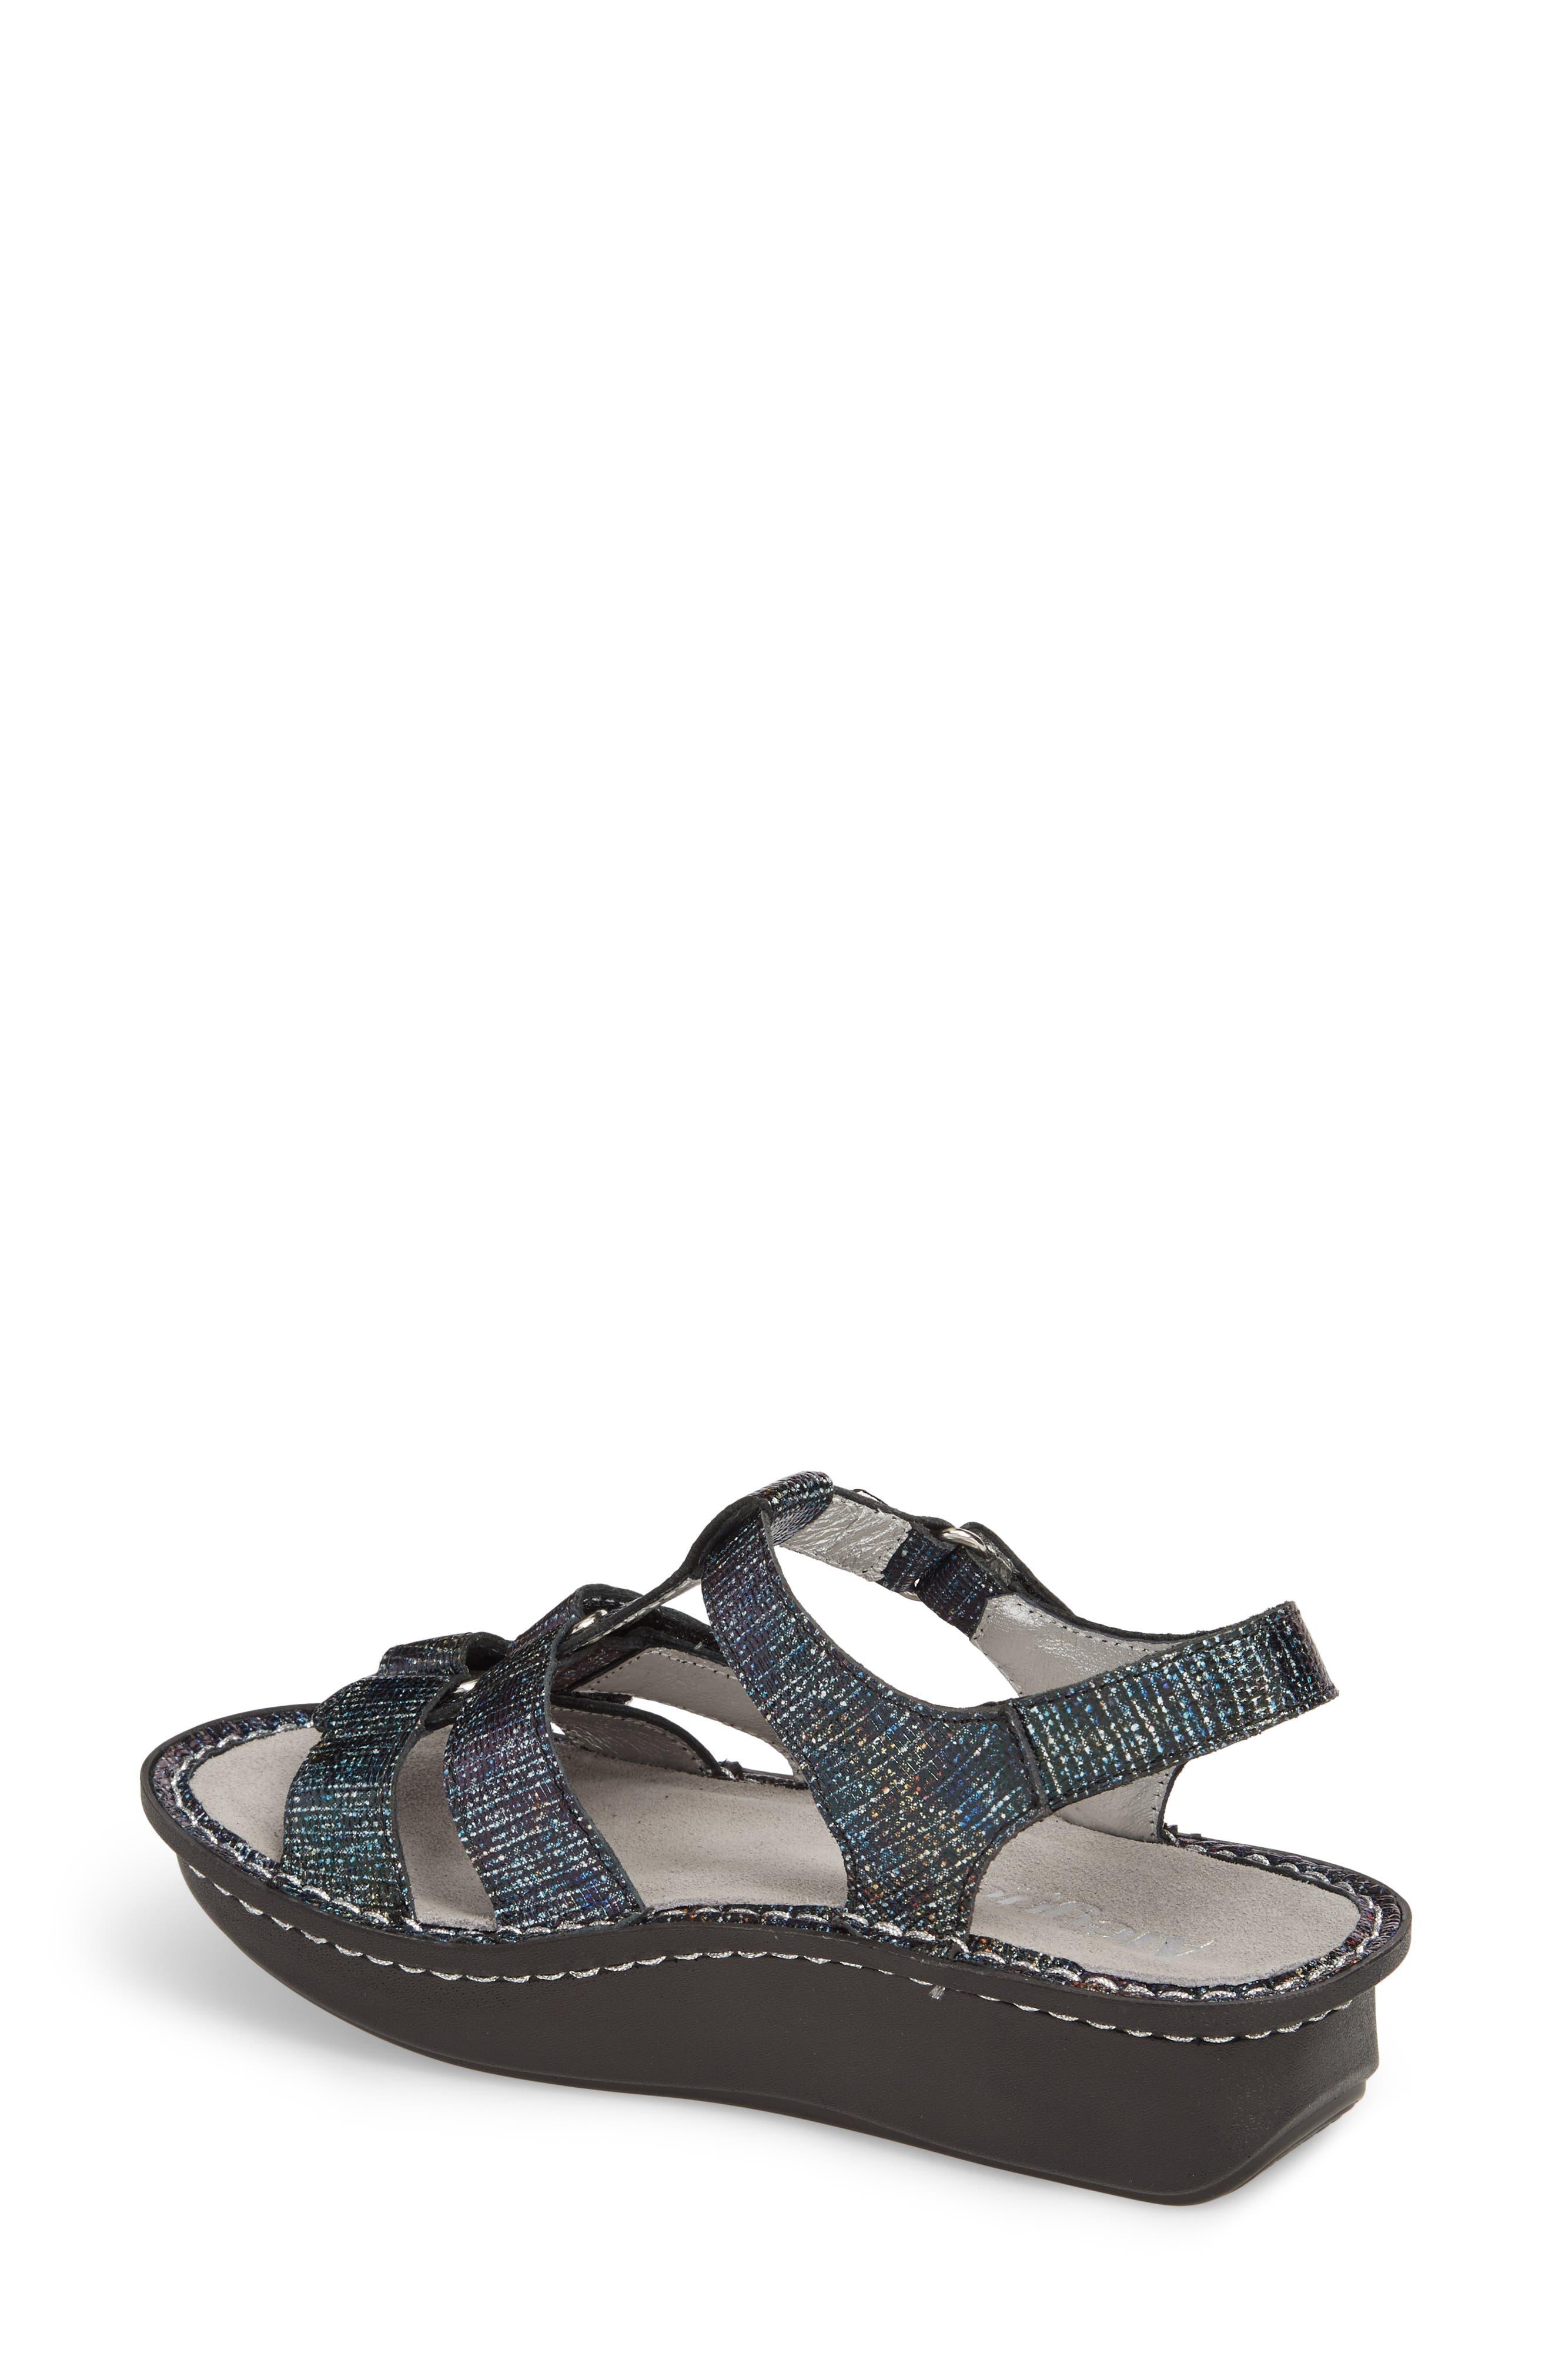 'Kleo' Sandal,                             Alternate thumbnail 2, color,                             002